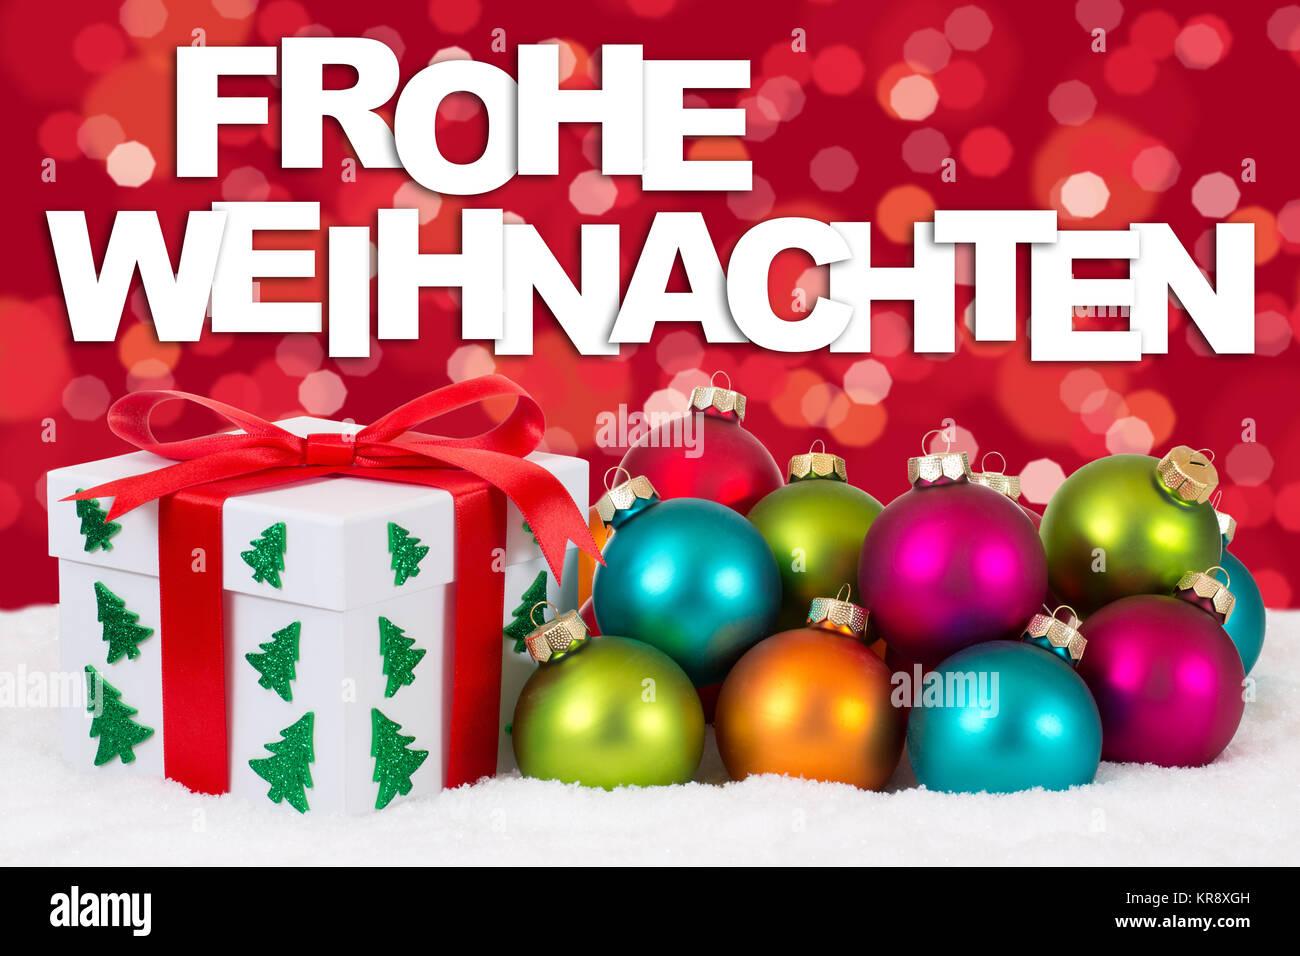 Weihnachtsgeschenke Geschenke.Frohe Weihnachten Weihnachtsgeschenke Geschenke Mit Rot Hintergrund